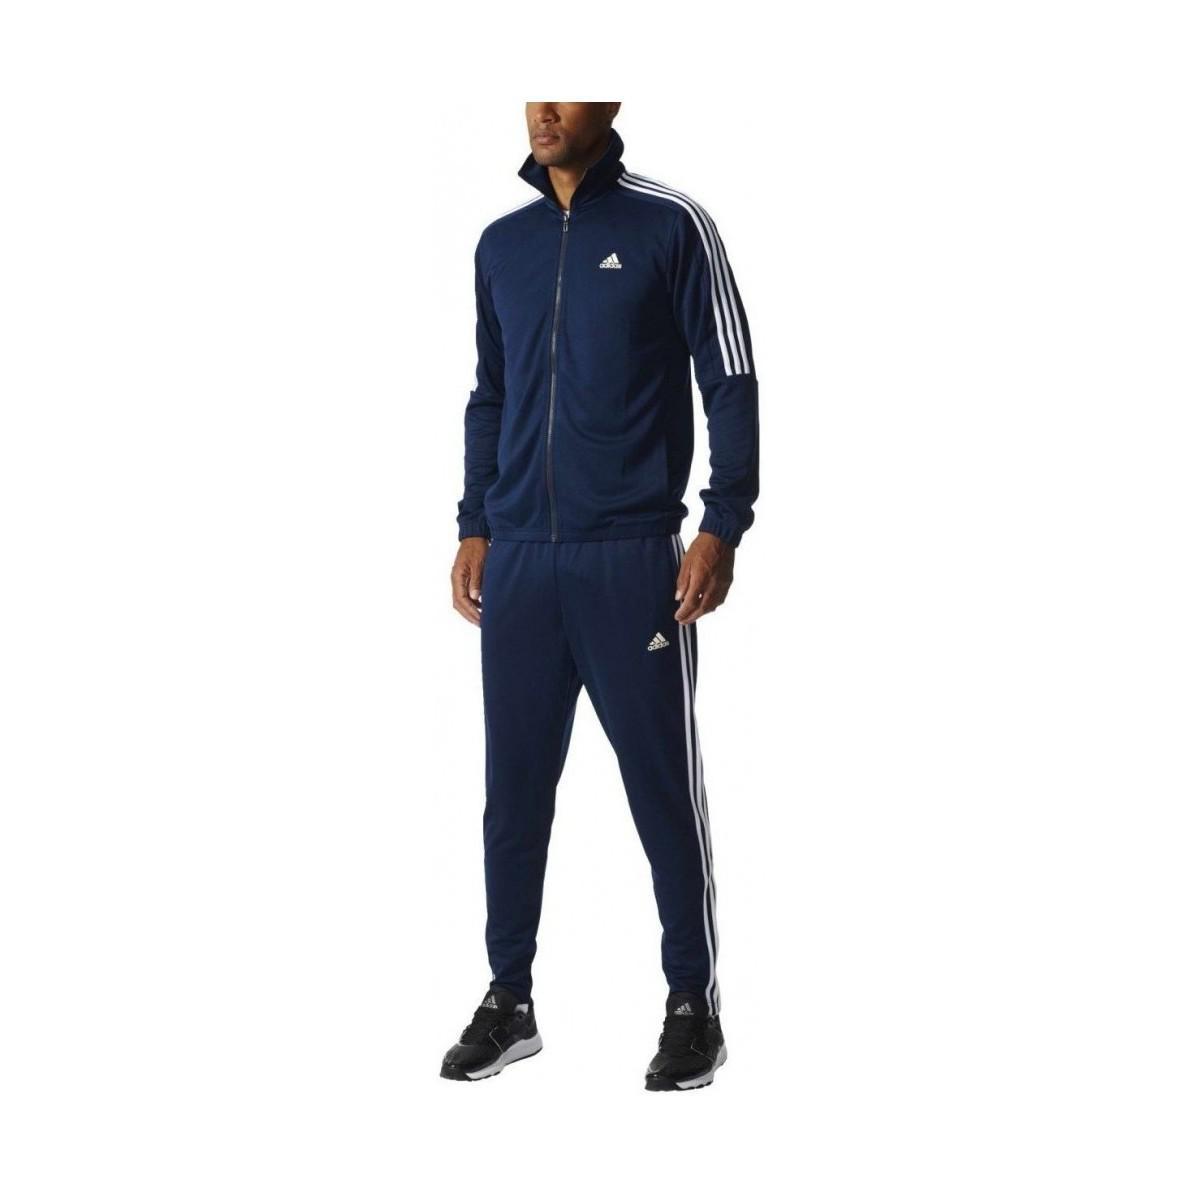 94a0c340dae Lyst - Tiro Ts Jogging Homme Bleu femmes Ensembles de survêtement en ...